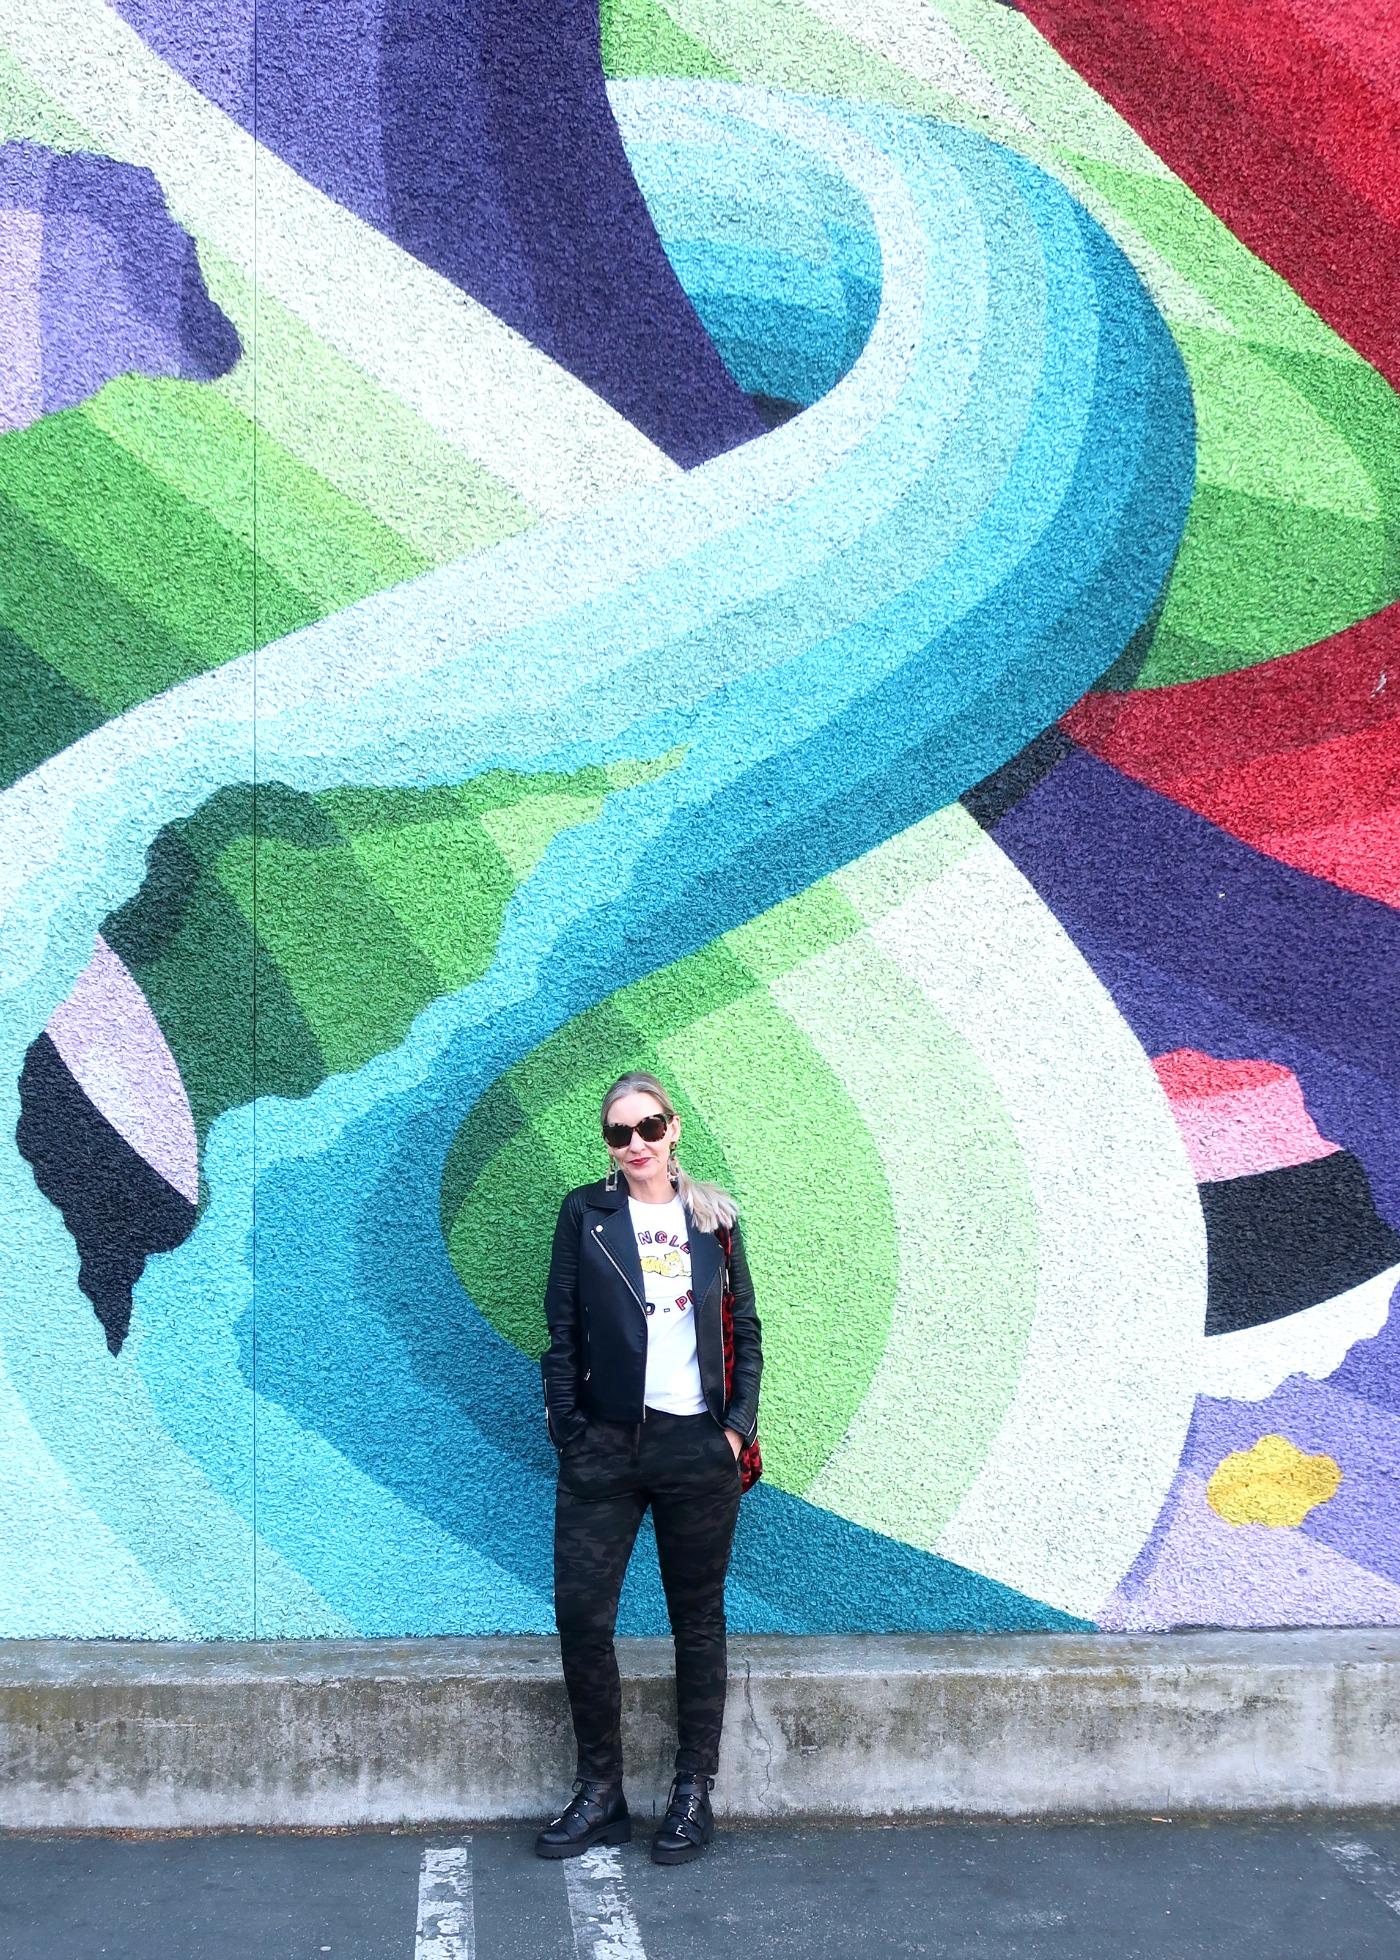 downtown San Jose mural